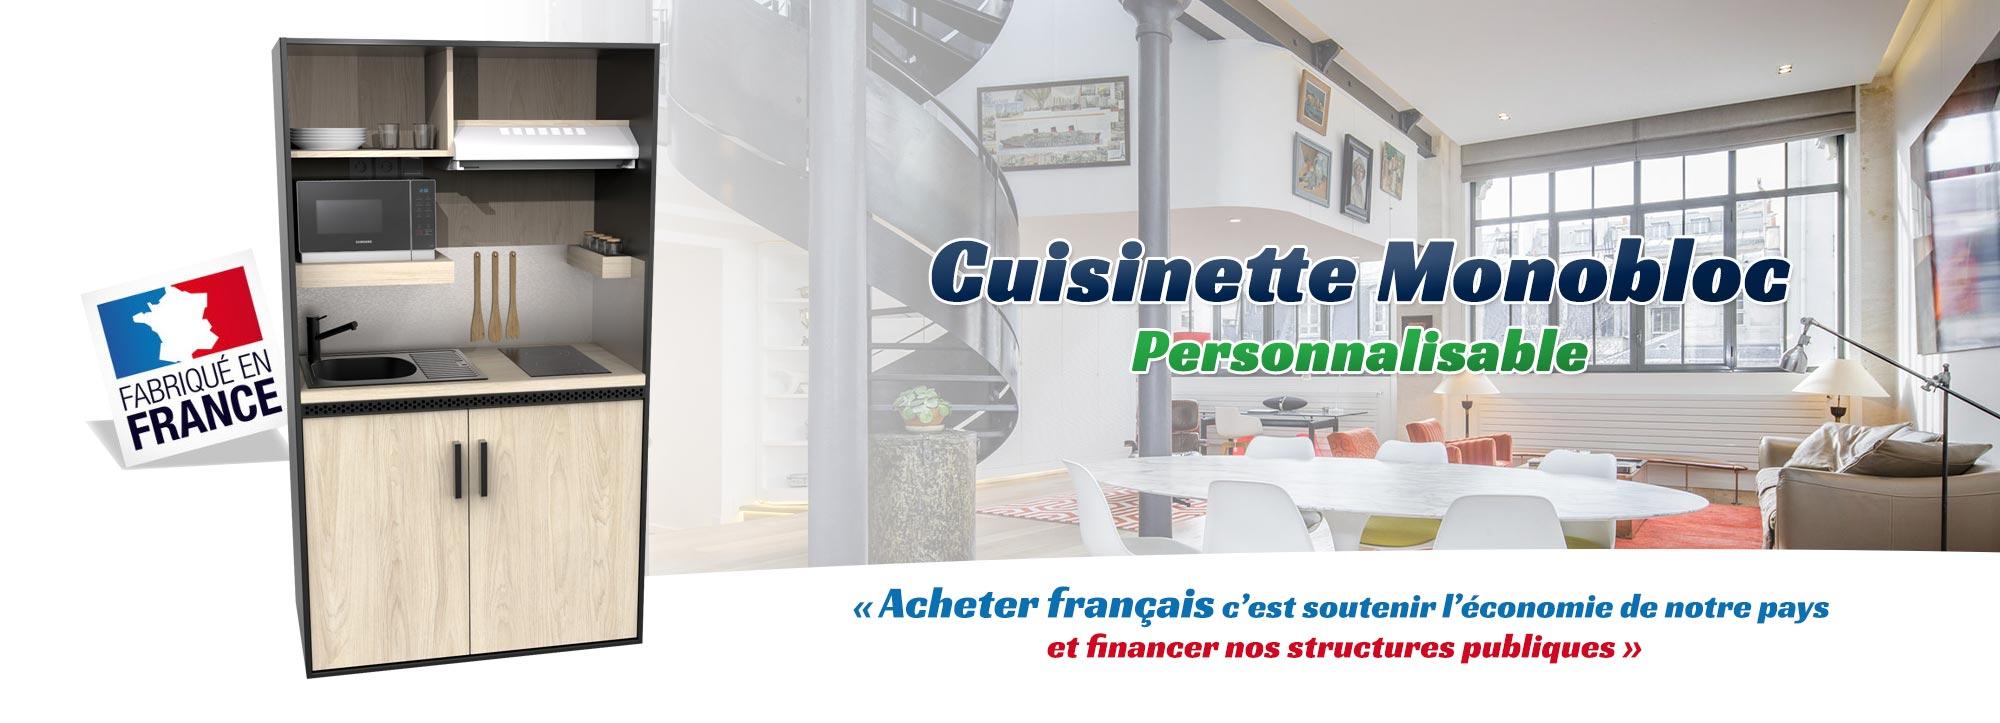 Meilleur Rapport Qualité Prix Cuisine Aménagée cuisinette monobloc personnalisable de qualité - eranovea